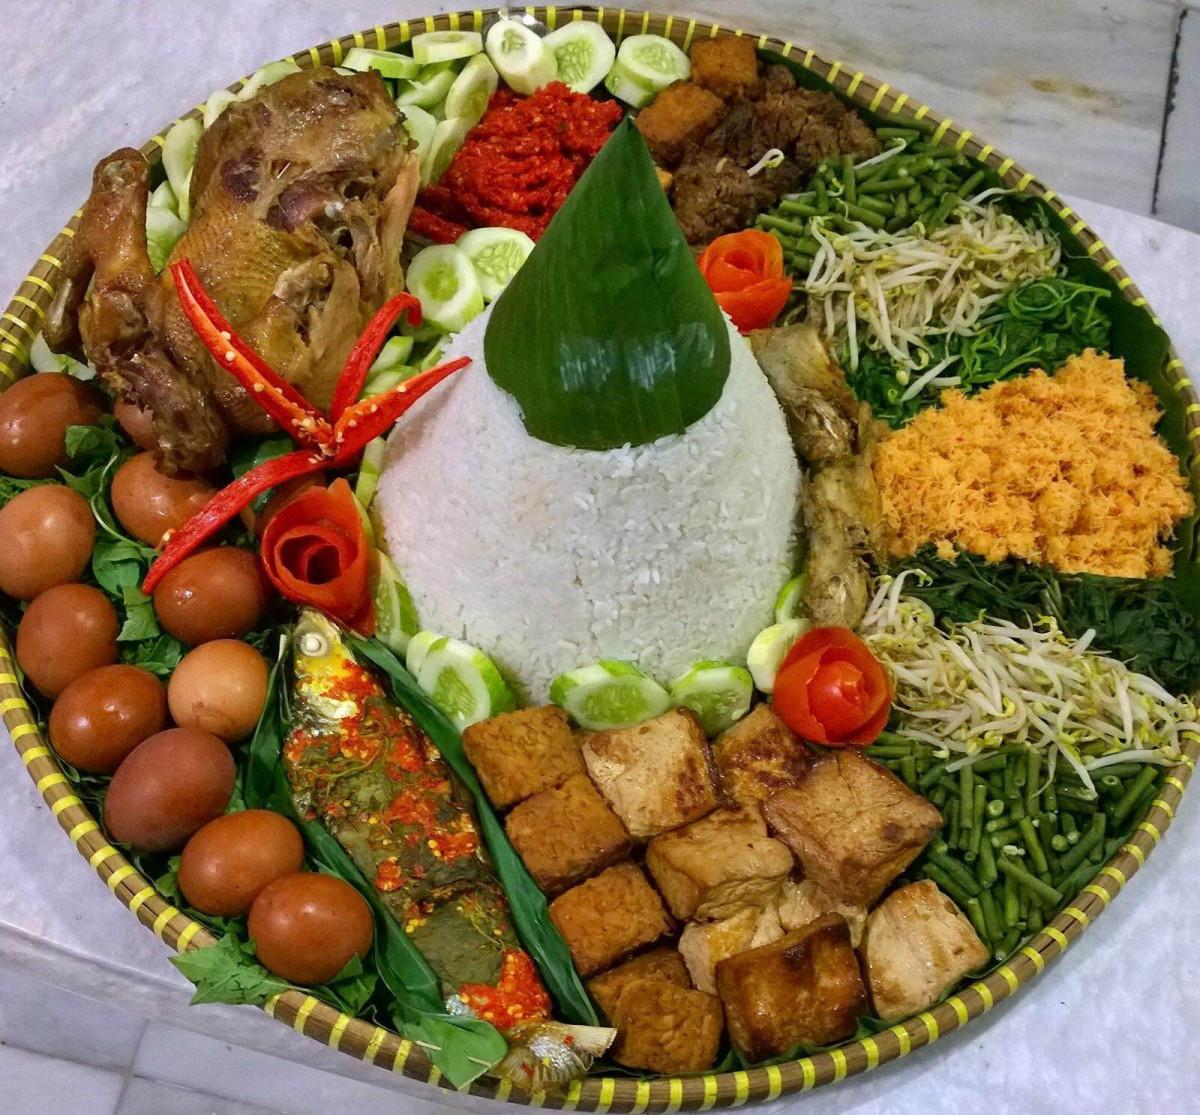 Mengenal Wetonan, Budaya Khas Masyarakat Jawa